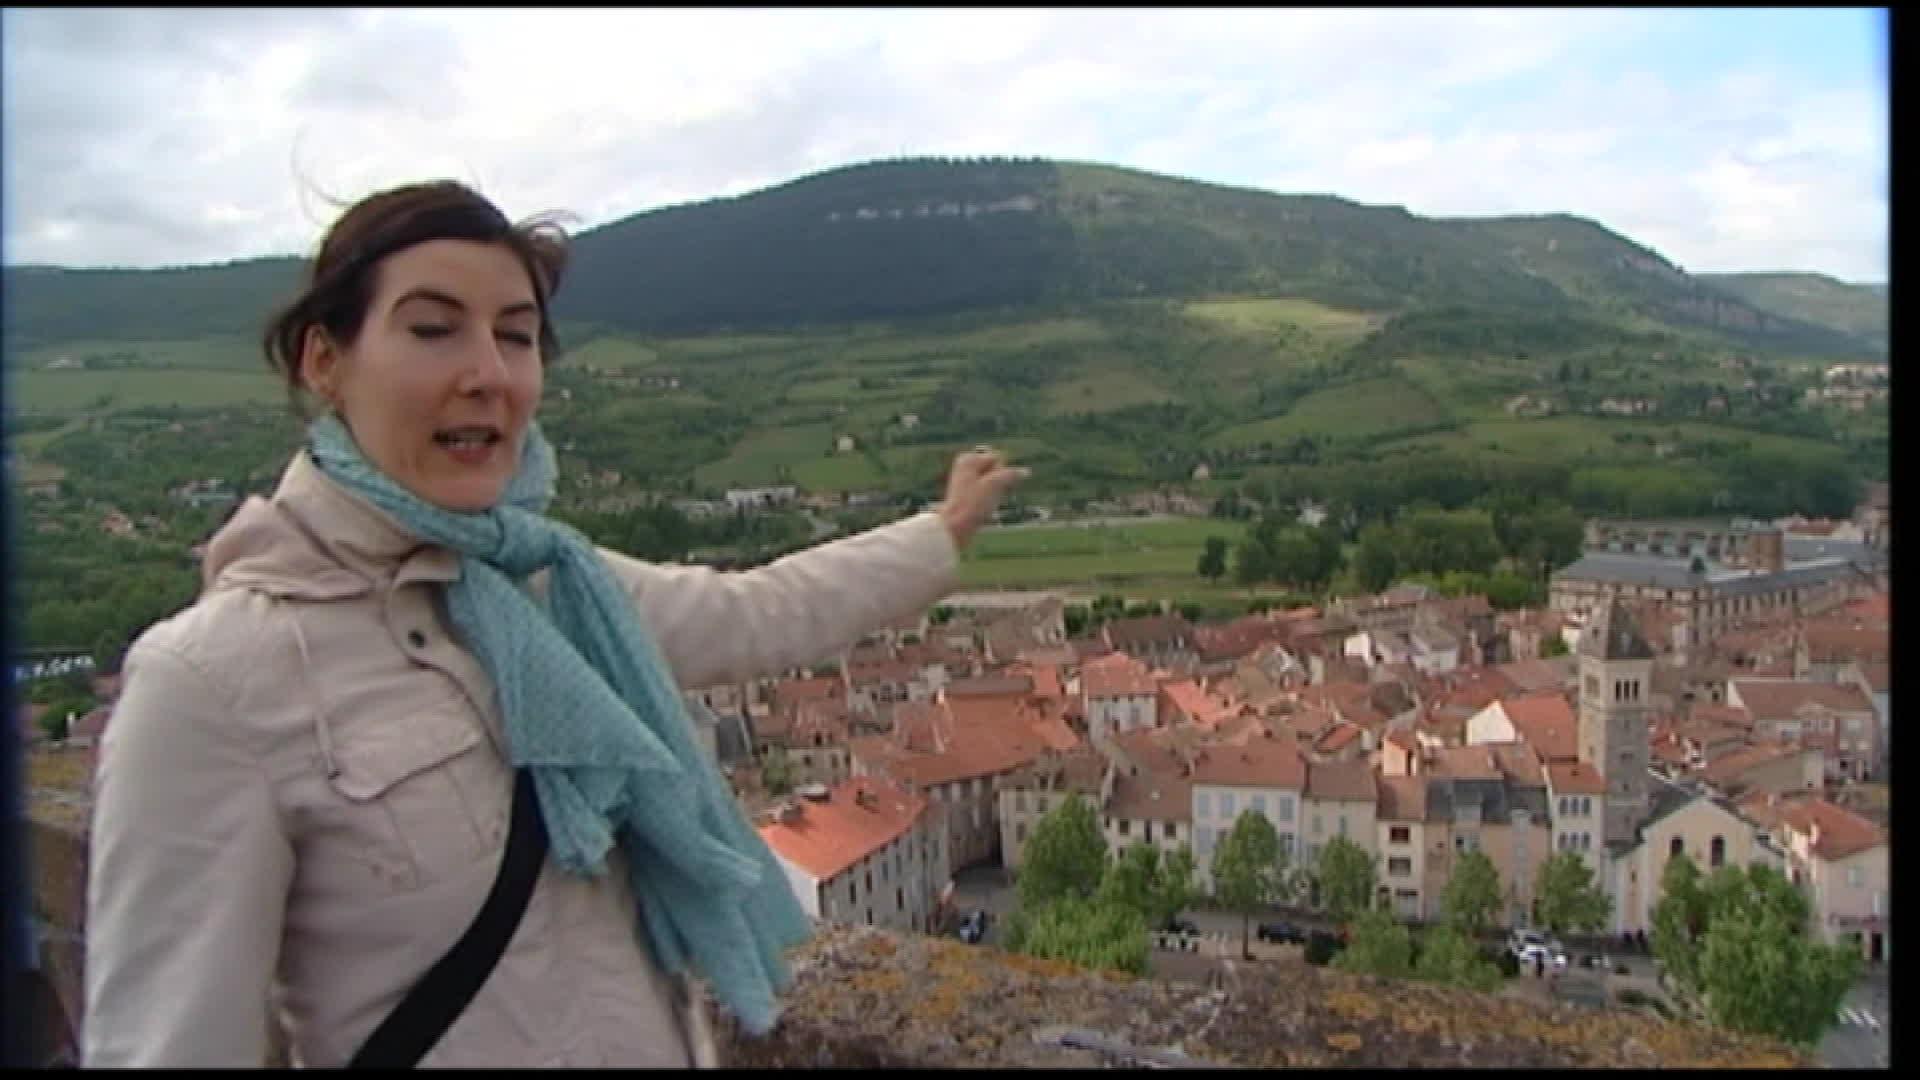 L'Aveyron (France)